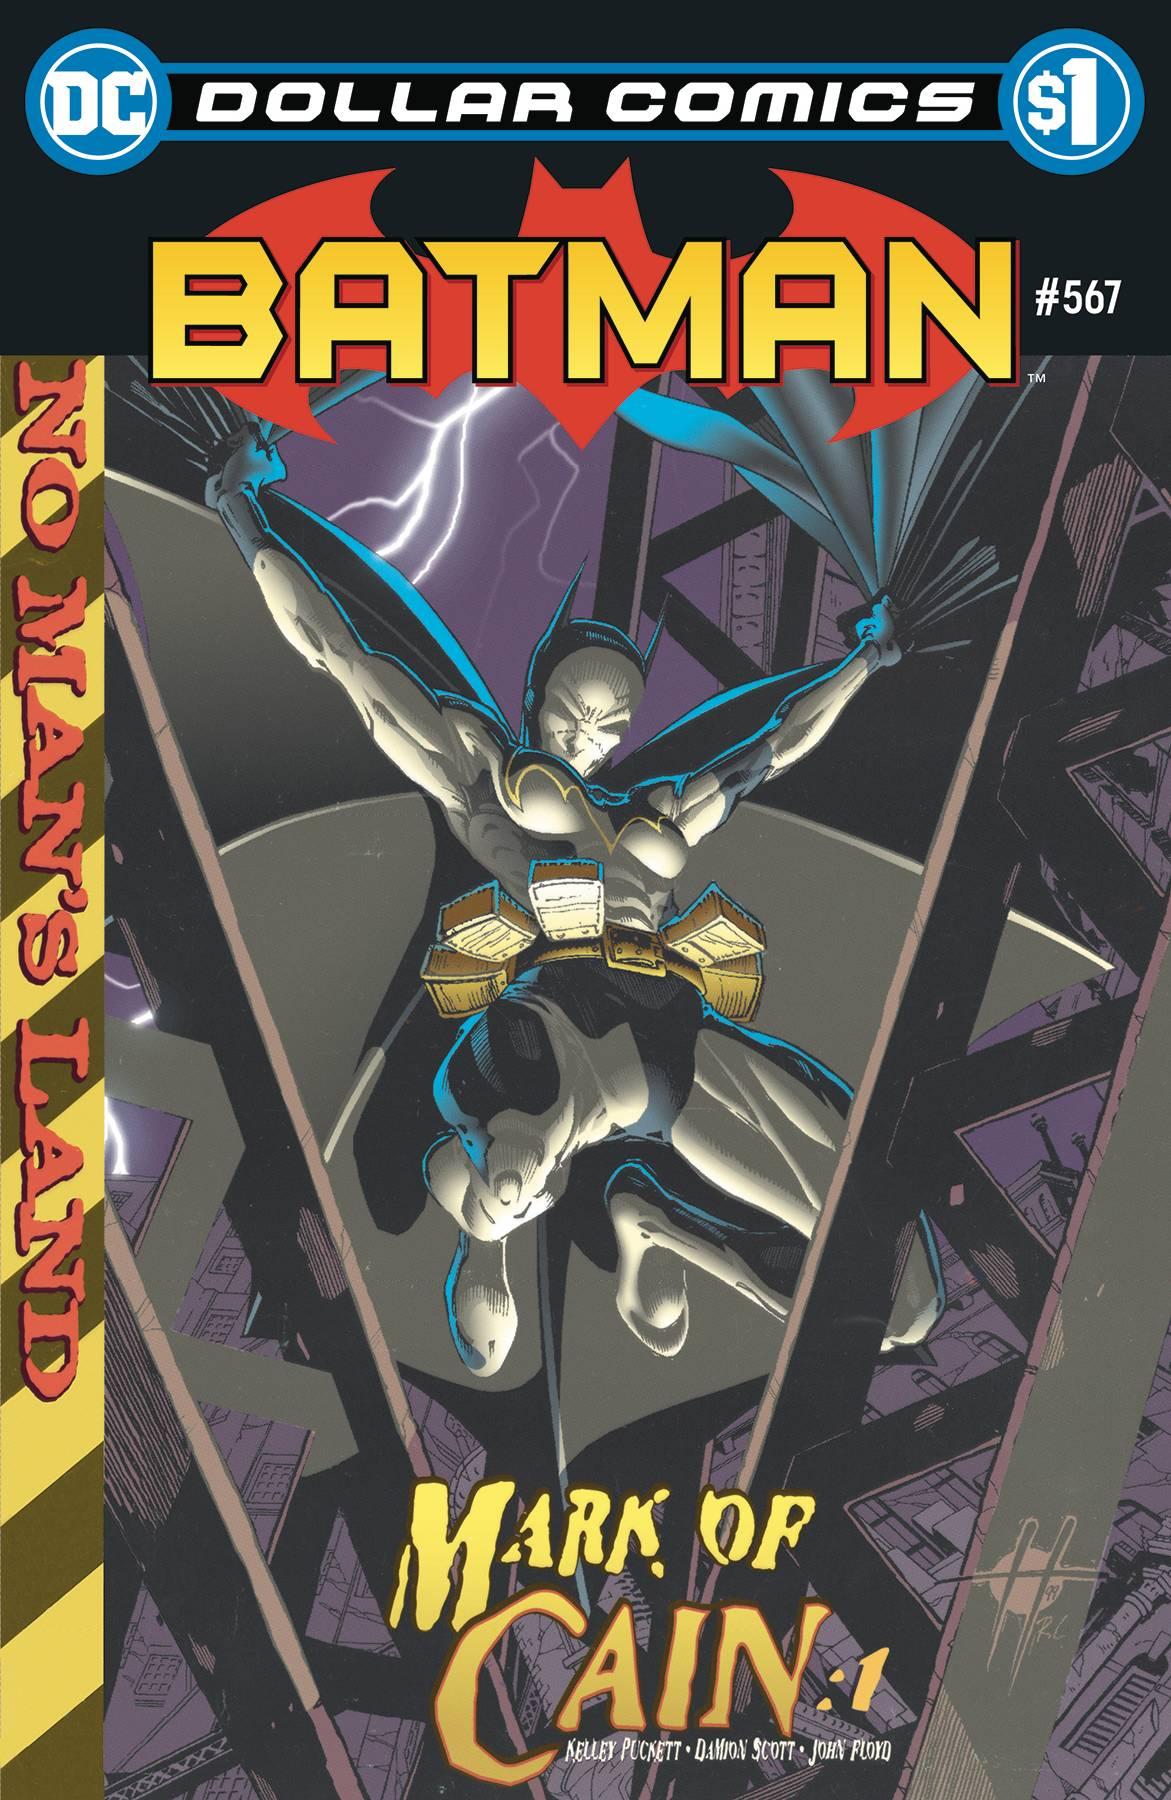 Dollar Comics: Batman #567 (2020)